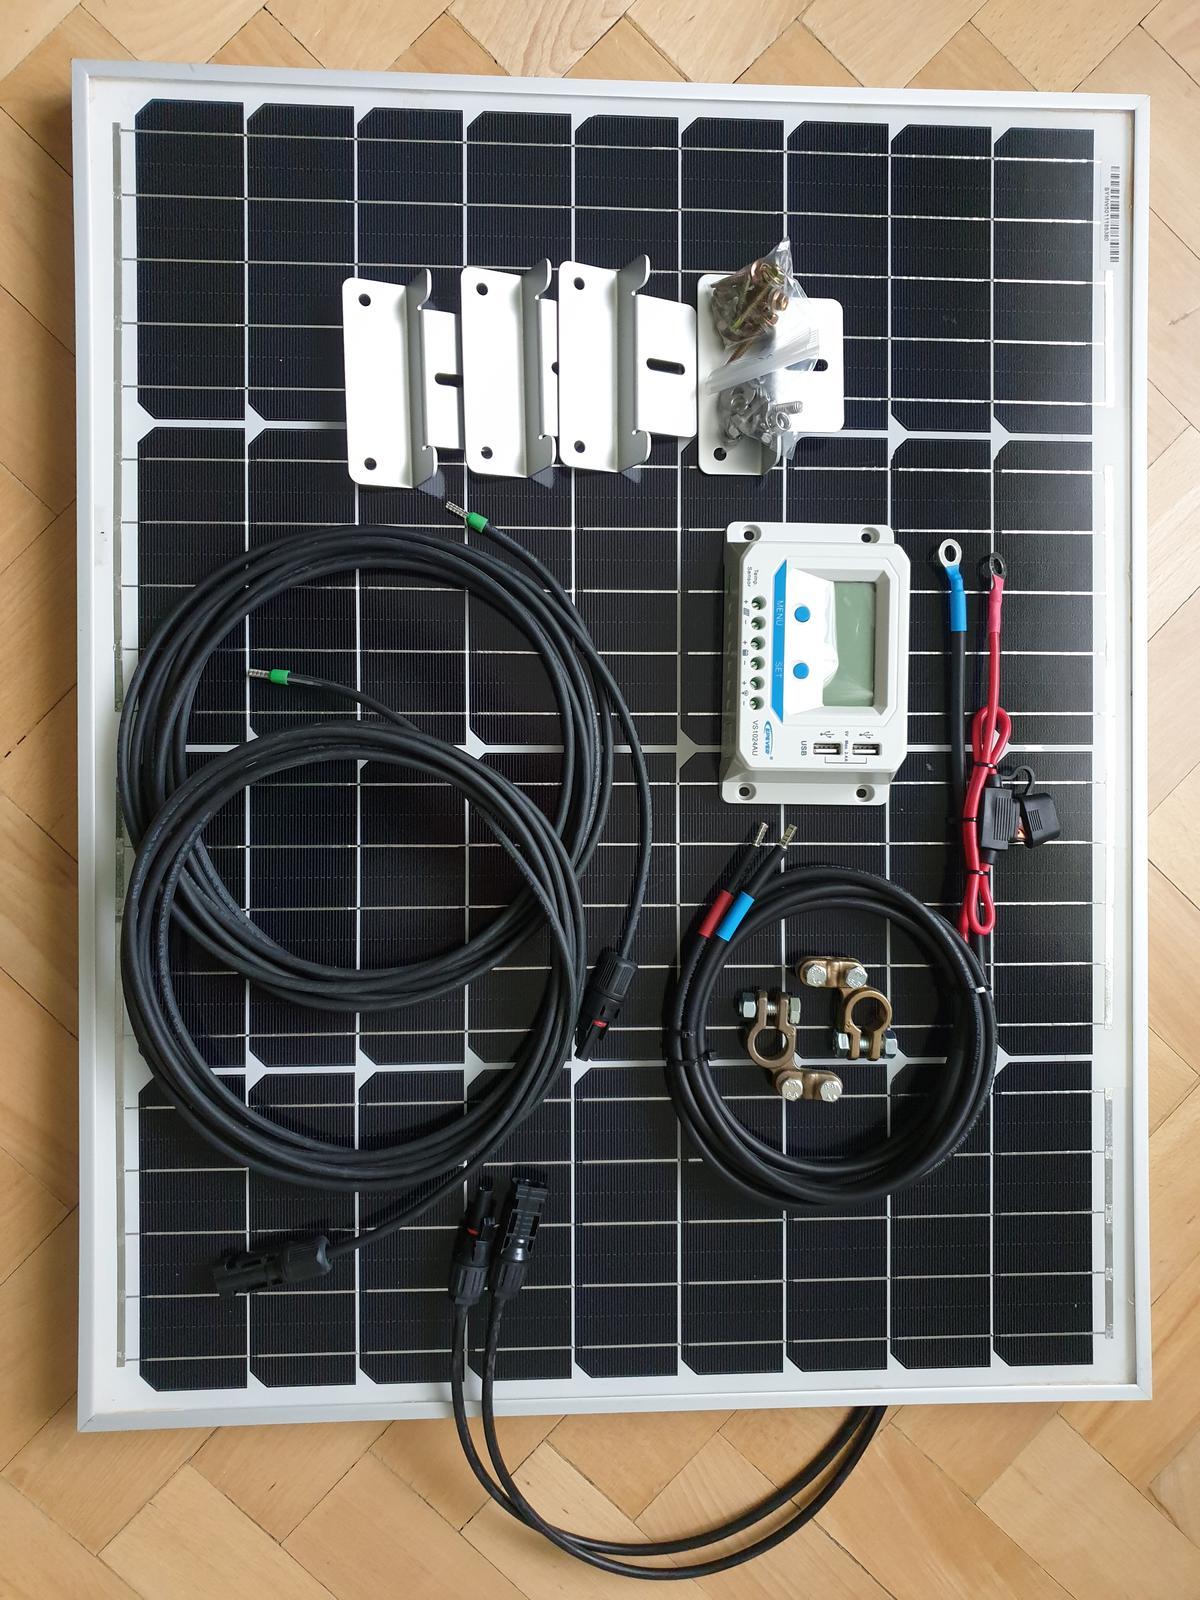 50W solárny panel s regulátorom - kompletná sada na chatu - Obrázok č. 1